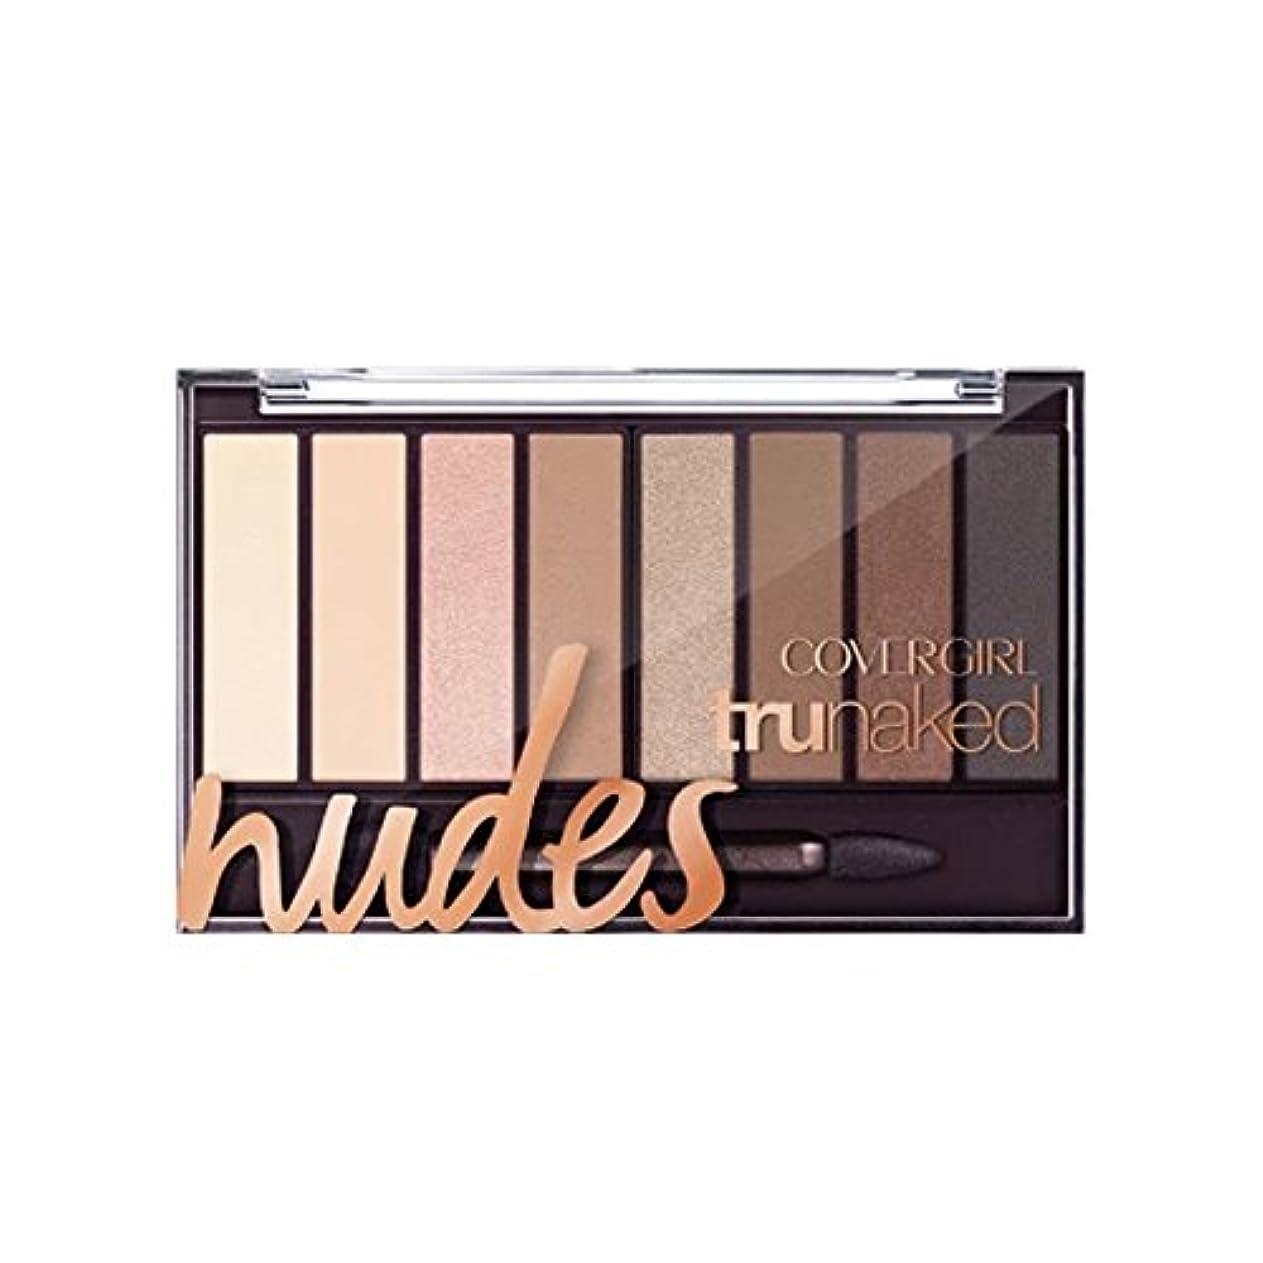 (3 Pack) COVERGIRL TruNaked Eyeshadow Palette - Nudes (並行輸入品)